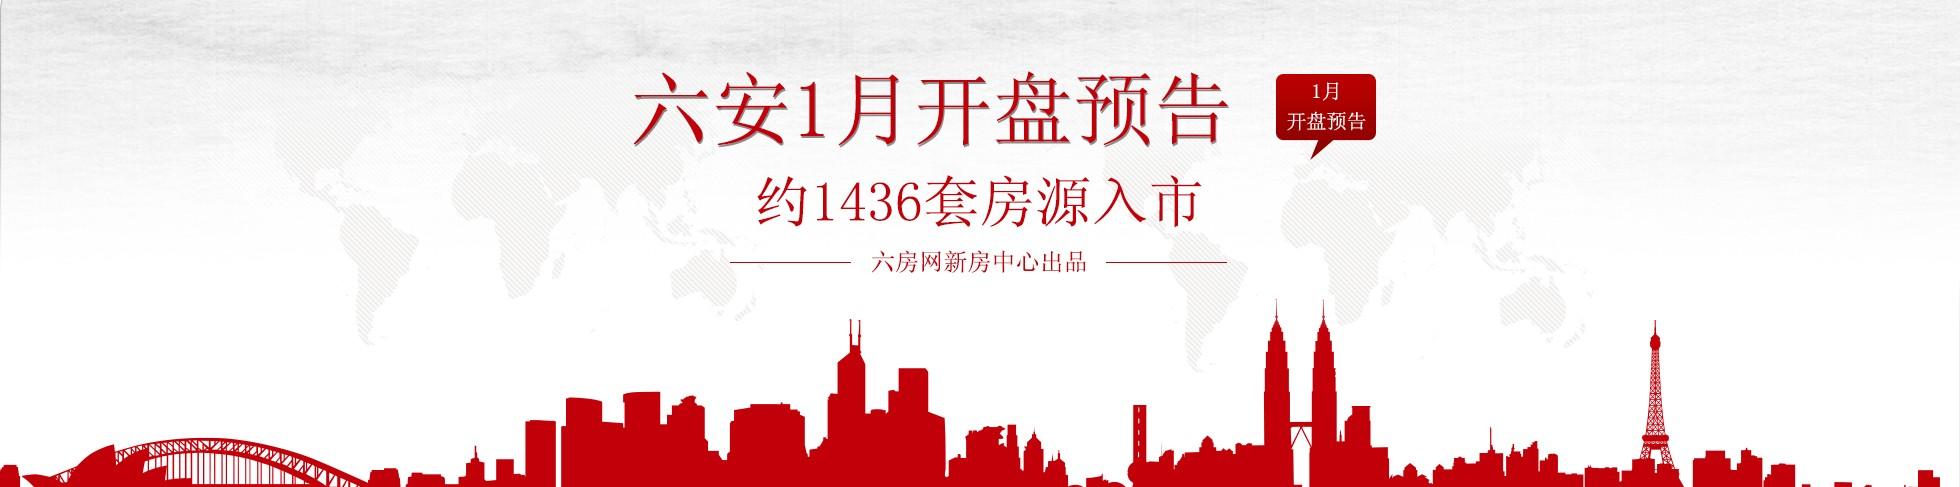 六安1月开盘预告 预计共推出1436套房源